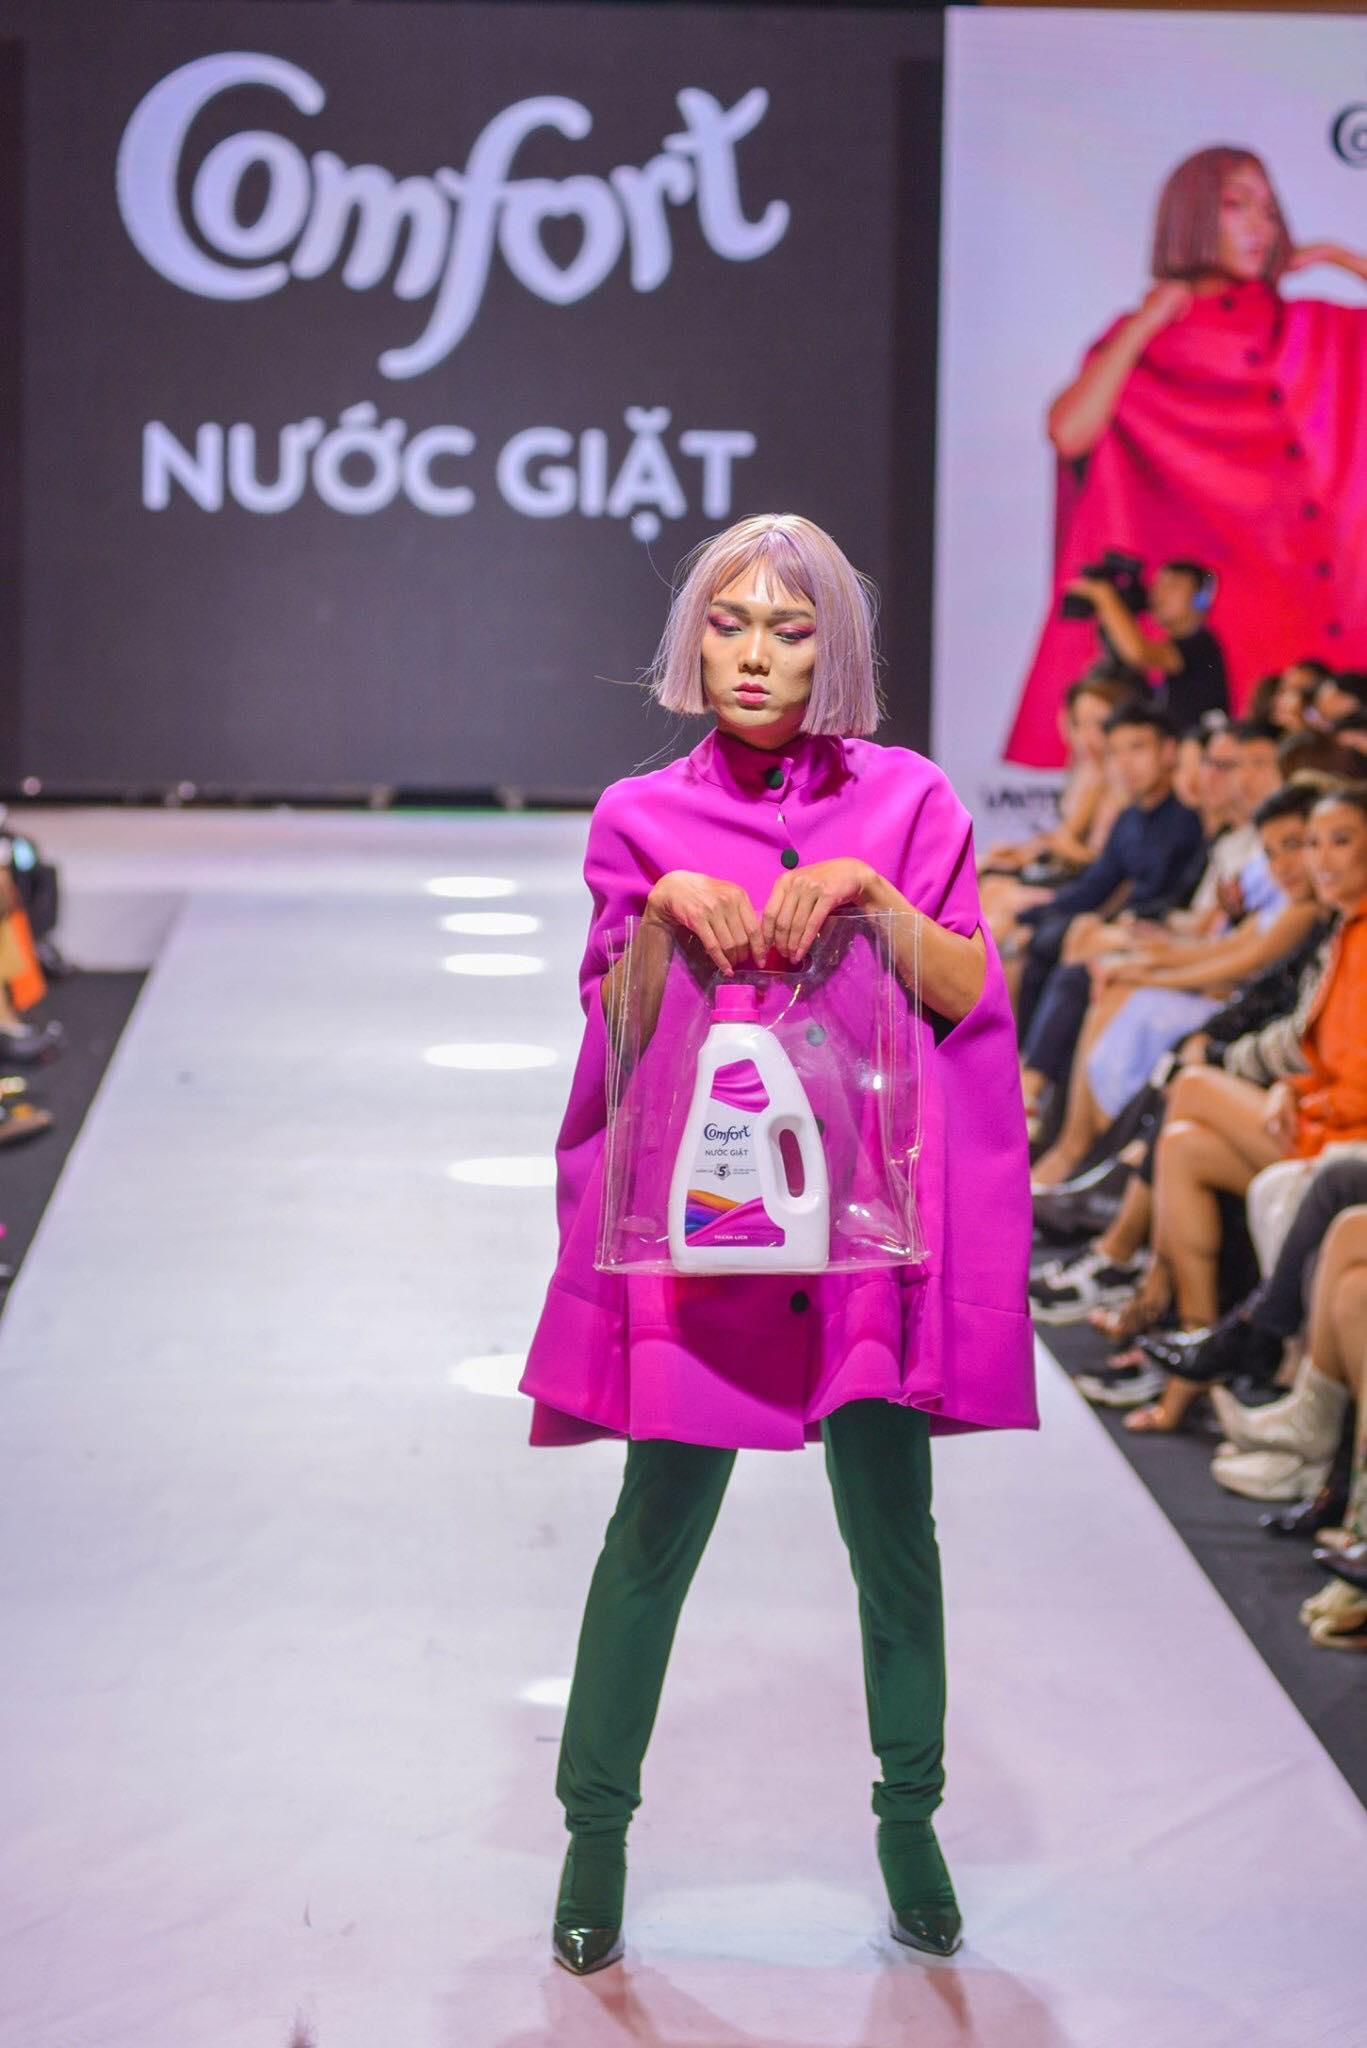 Thánh chửi bán hàng online Phạm Văn Thoại giành tấm vé đầu tiên vào ngôi nhà chung Vietnam Next Top Model 2019